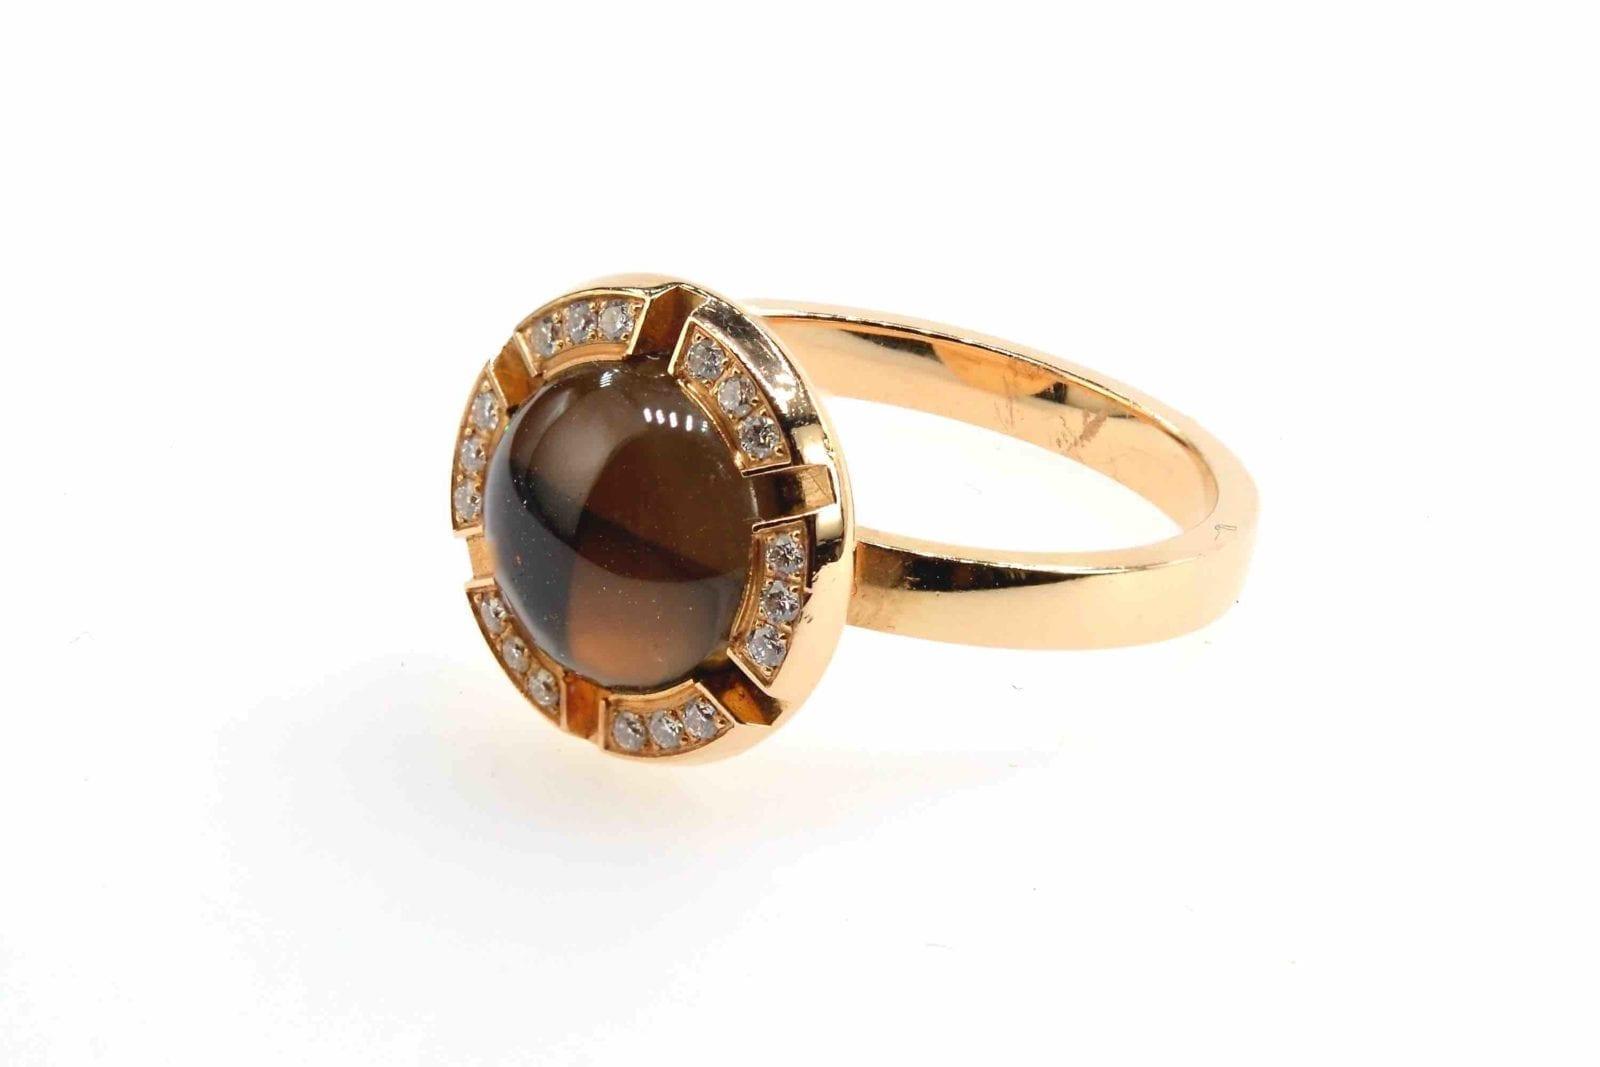 Bague Chaumet Class one diamants